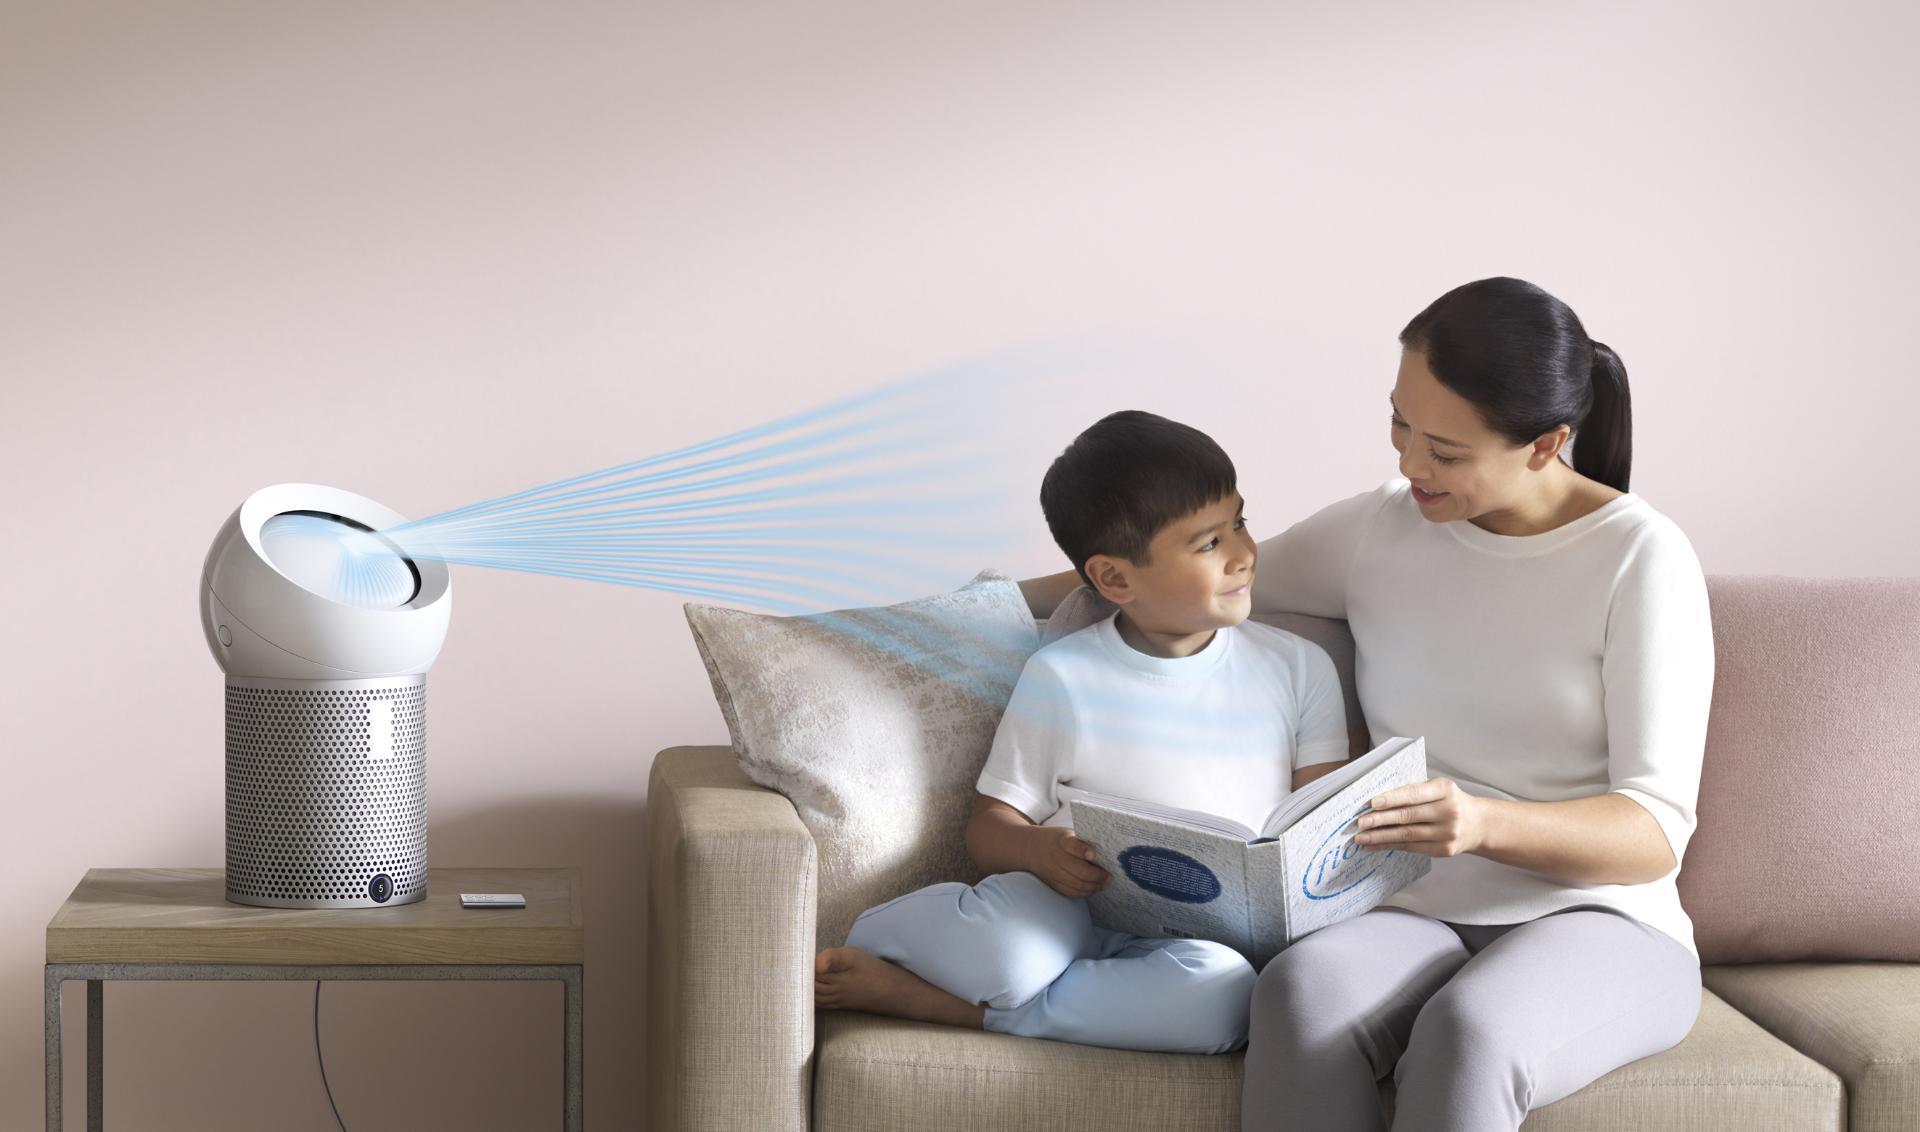 فتى يقرأ كتاباً في فراشه بينما تقوم مروحة دايسون المُنقية الشخصية بضخ تيار هواء بارد تجاهه.